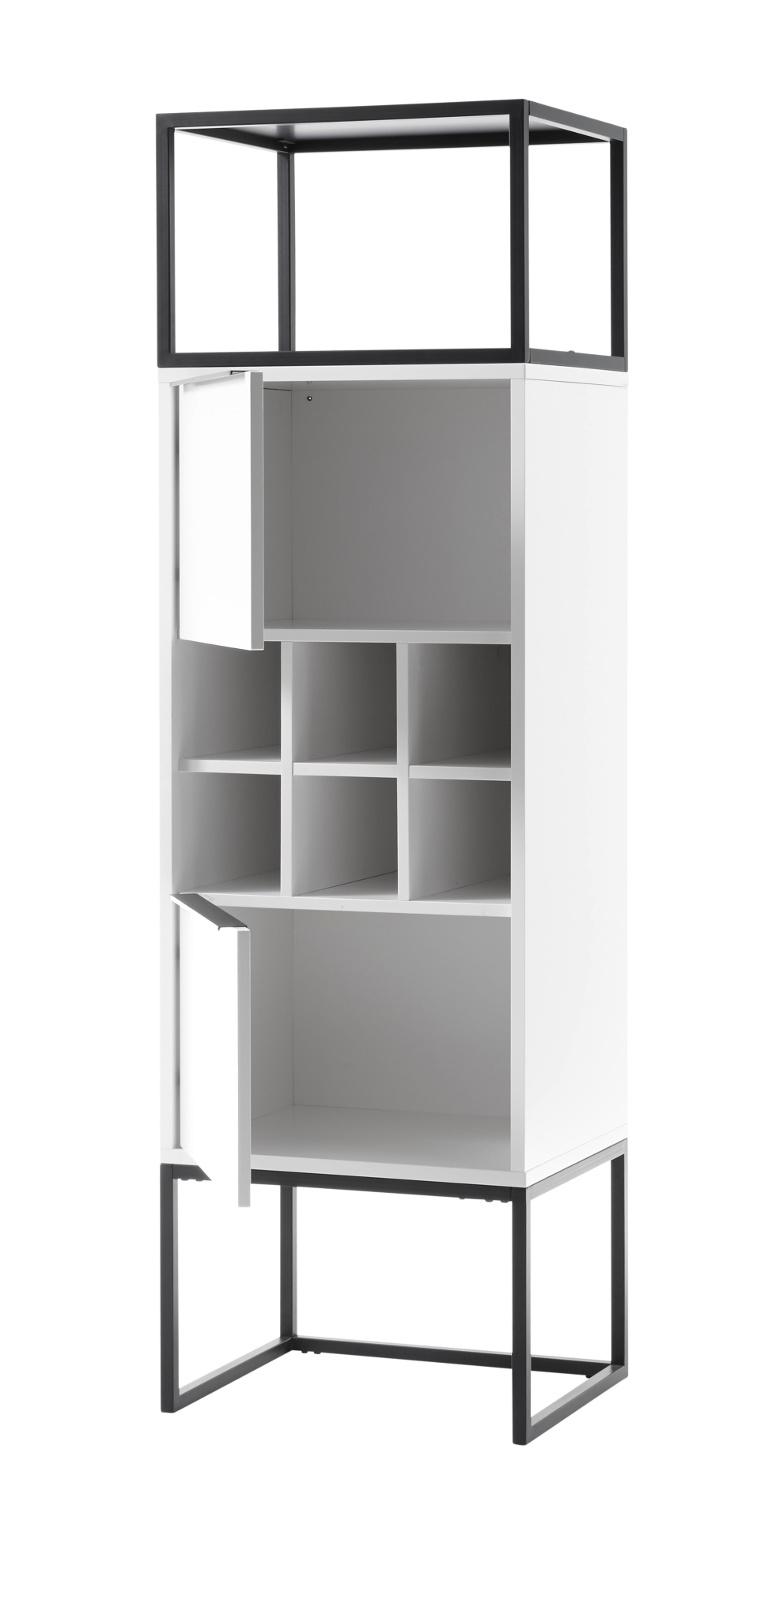 Standregal Lille in weiß mit Metallgestell 50x165 cm